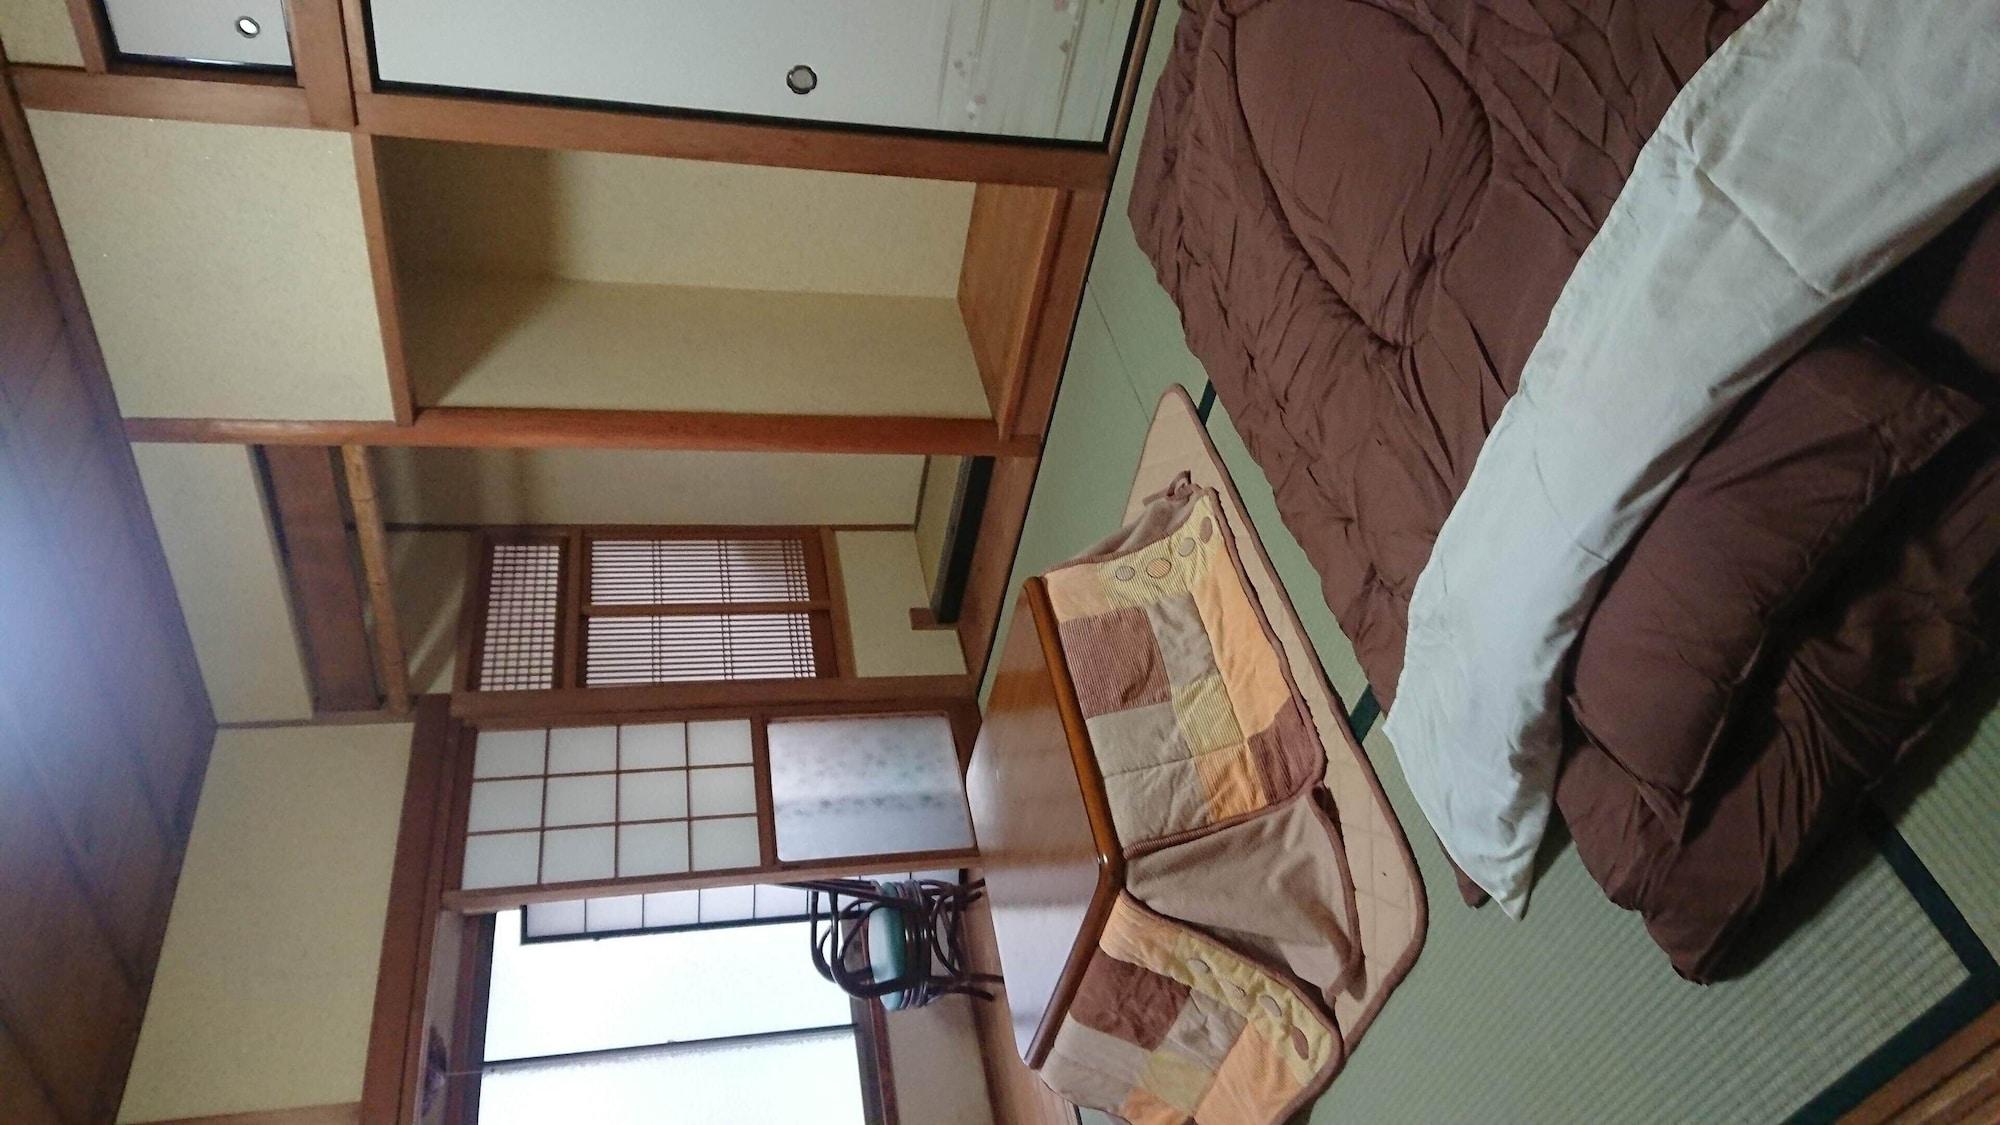 Casa del girasol - Hostel, Moriguchi